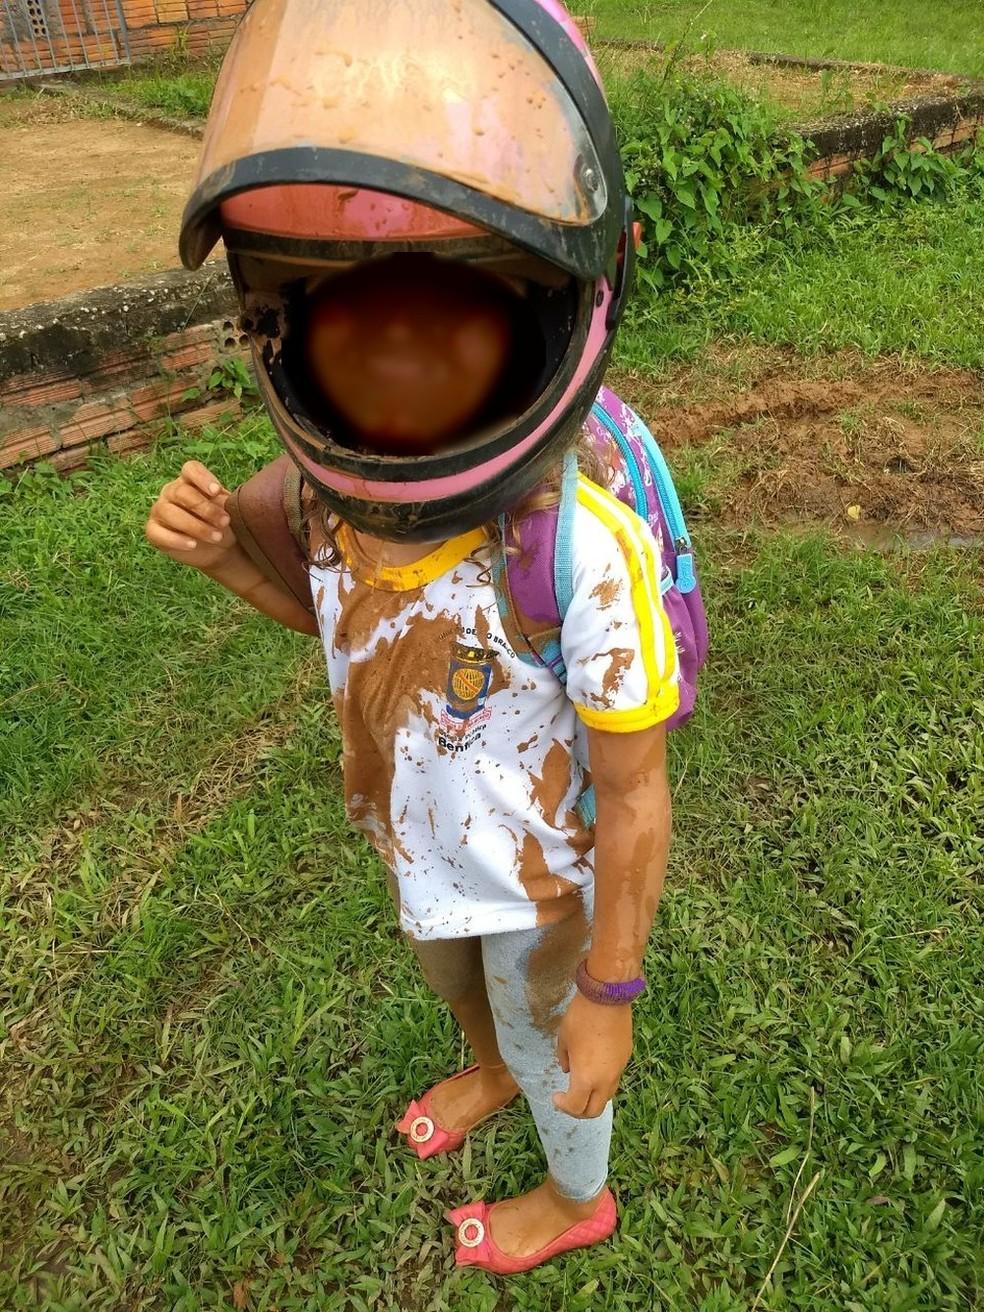 Criança caiu quando o pai tentou desviar um buraco e tomou um banho de lama (Foto: Arquivo pessoal)